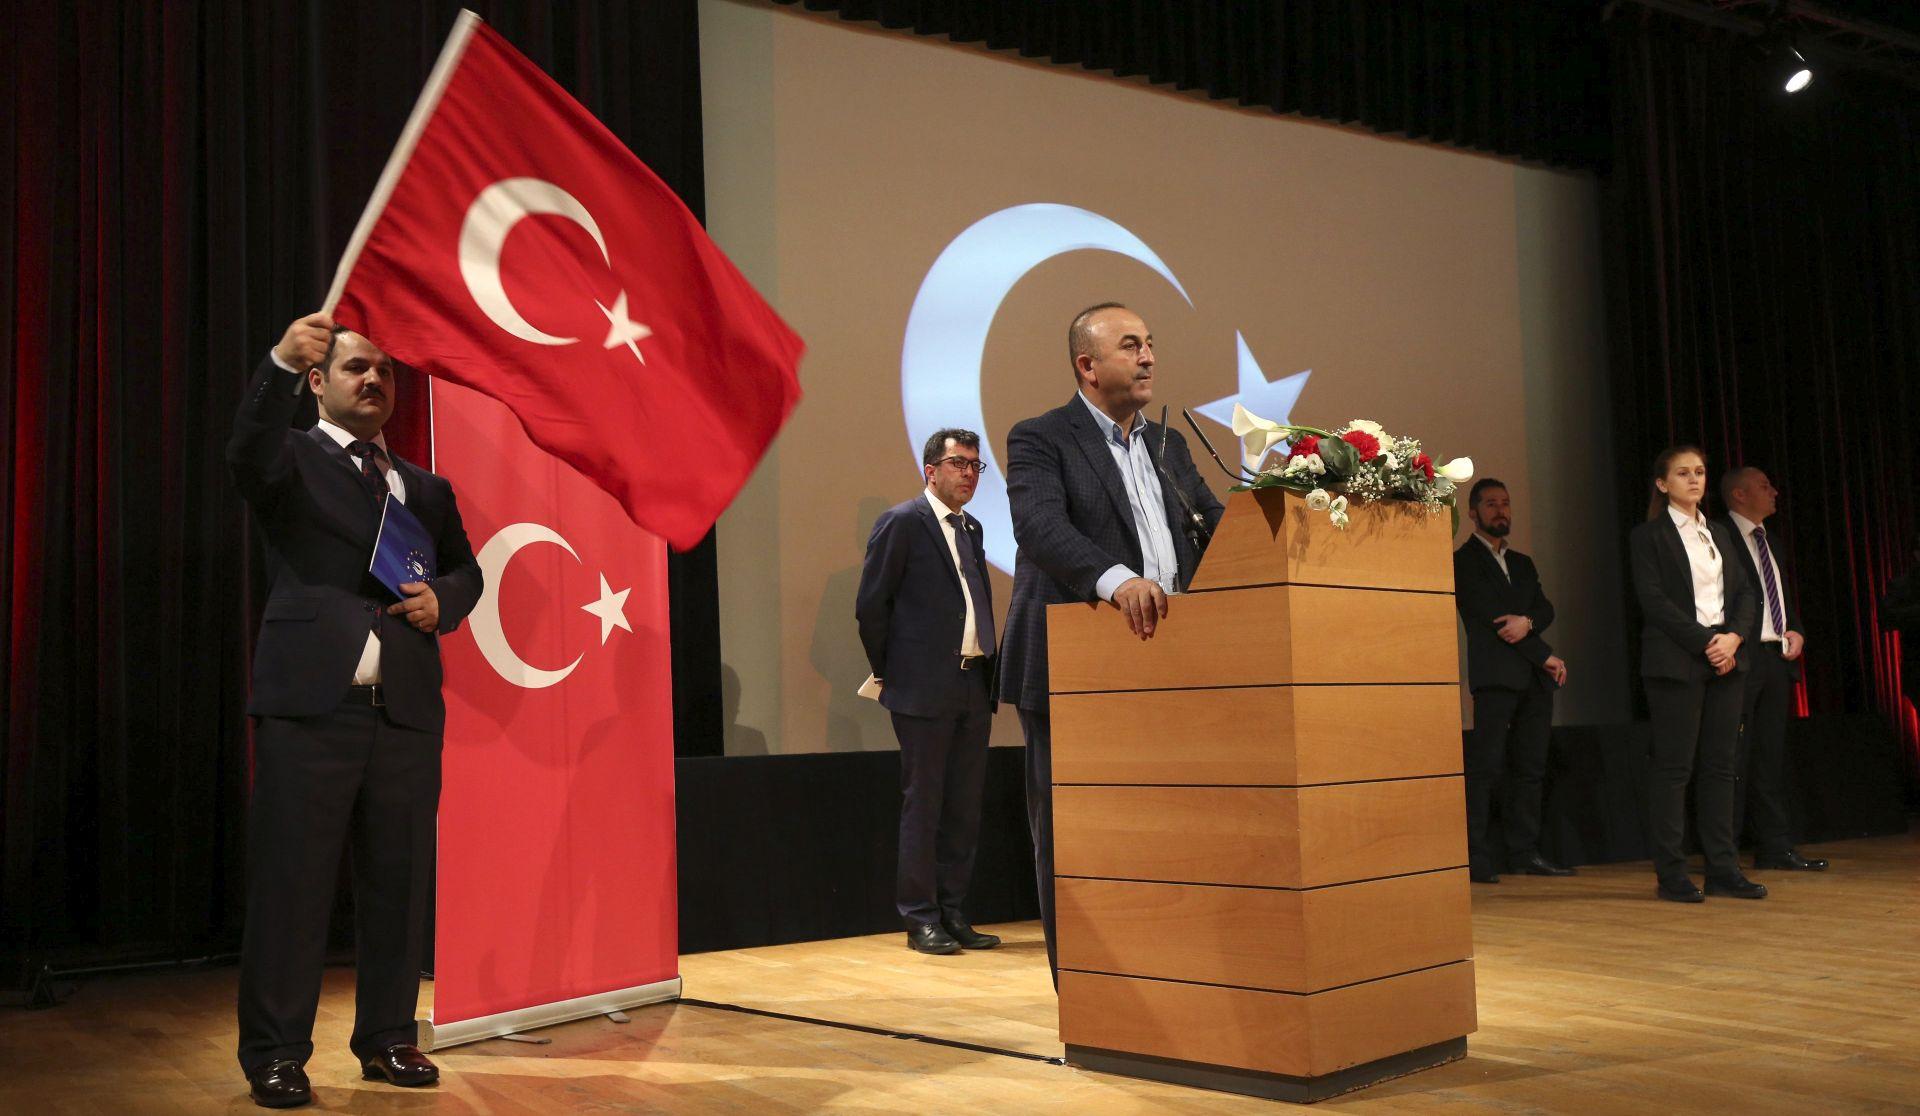 PARIZ Turski referendum o smrtnoj kazni označit će prekid s europskim vrijednostima